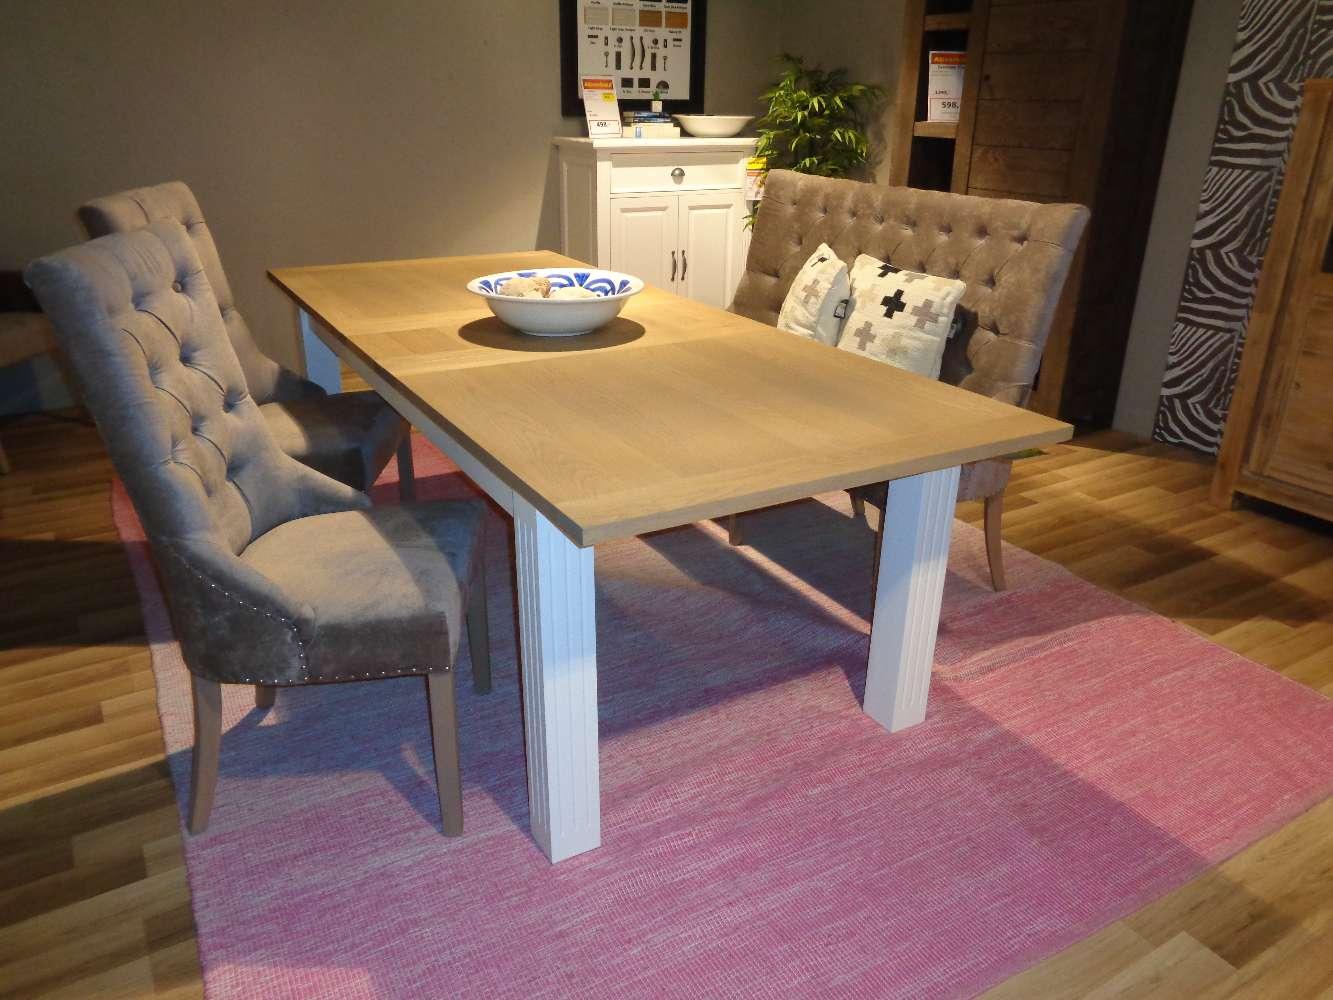 Essgruppe mit ausziehbarem Tisch, einer Bank und 2 Stühlen